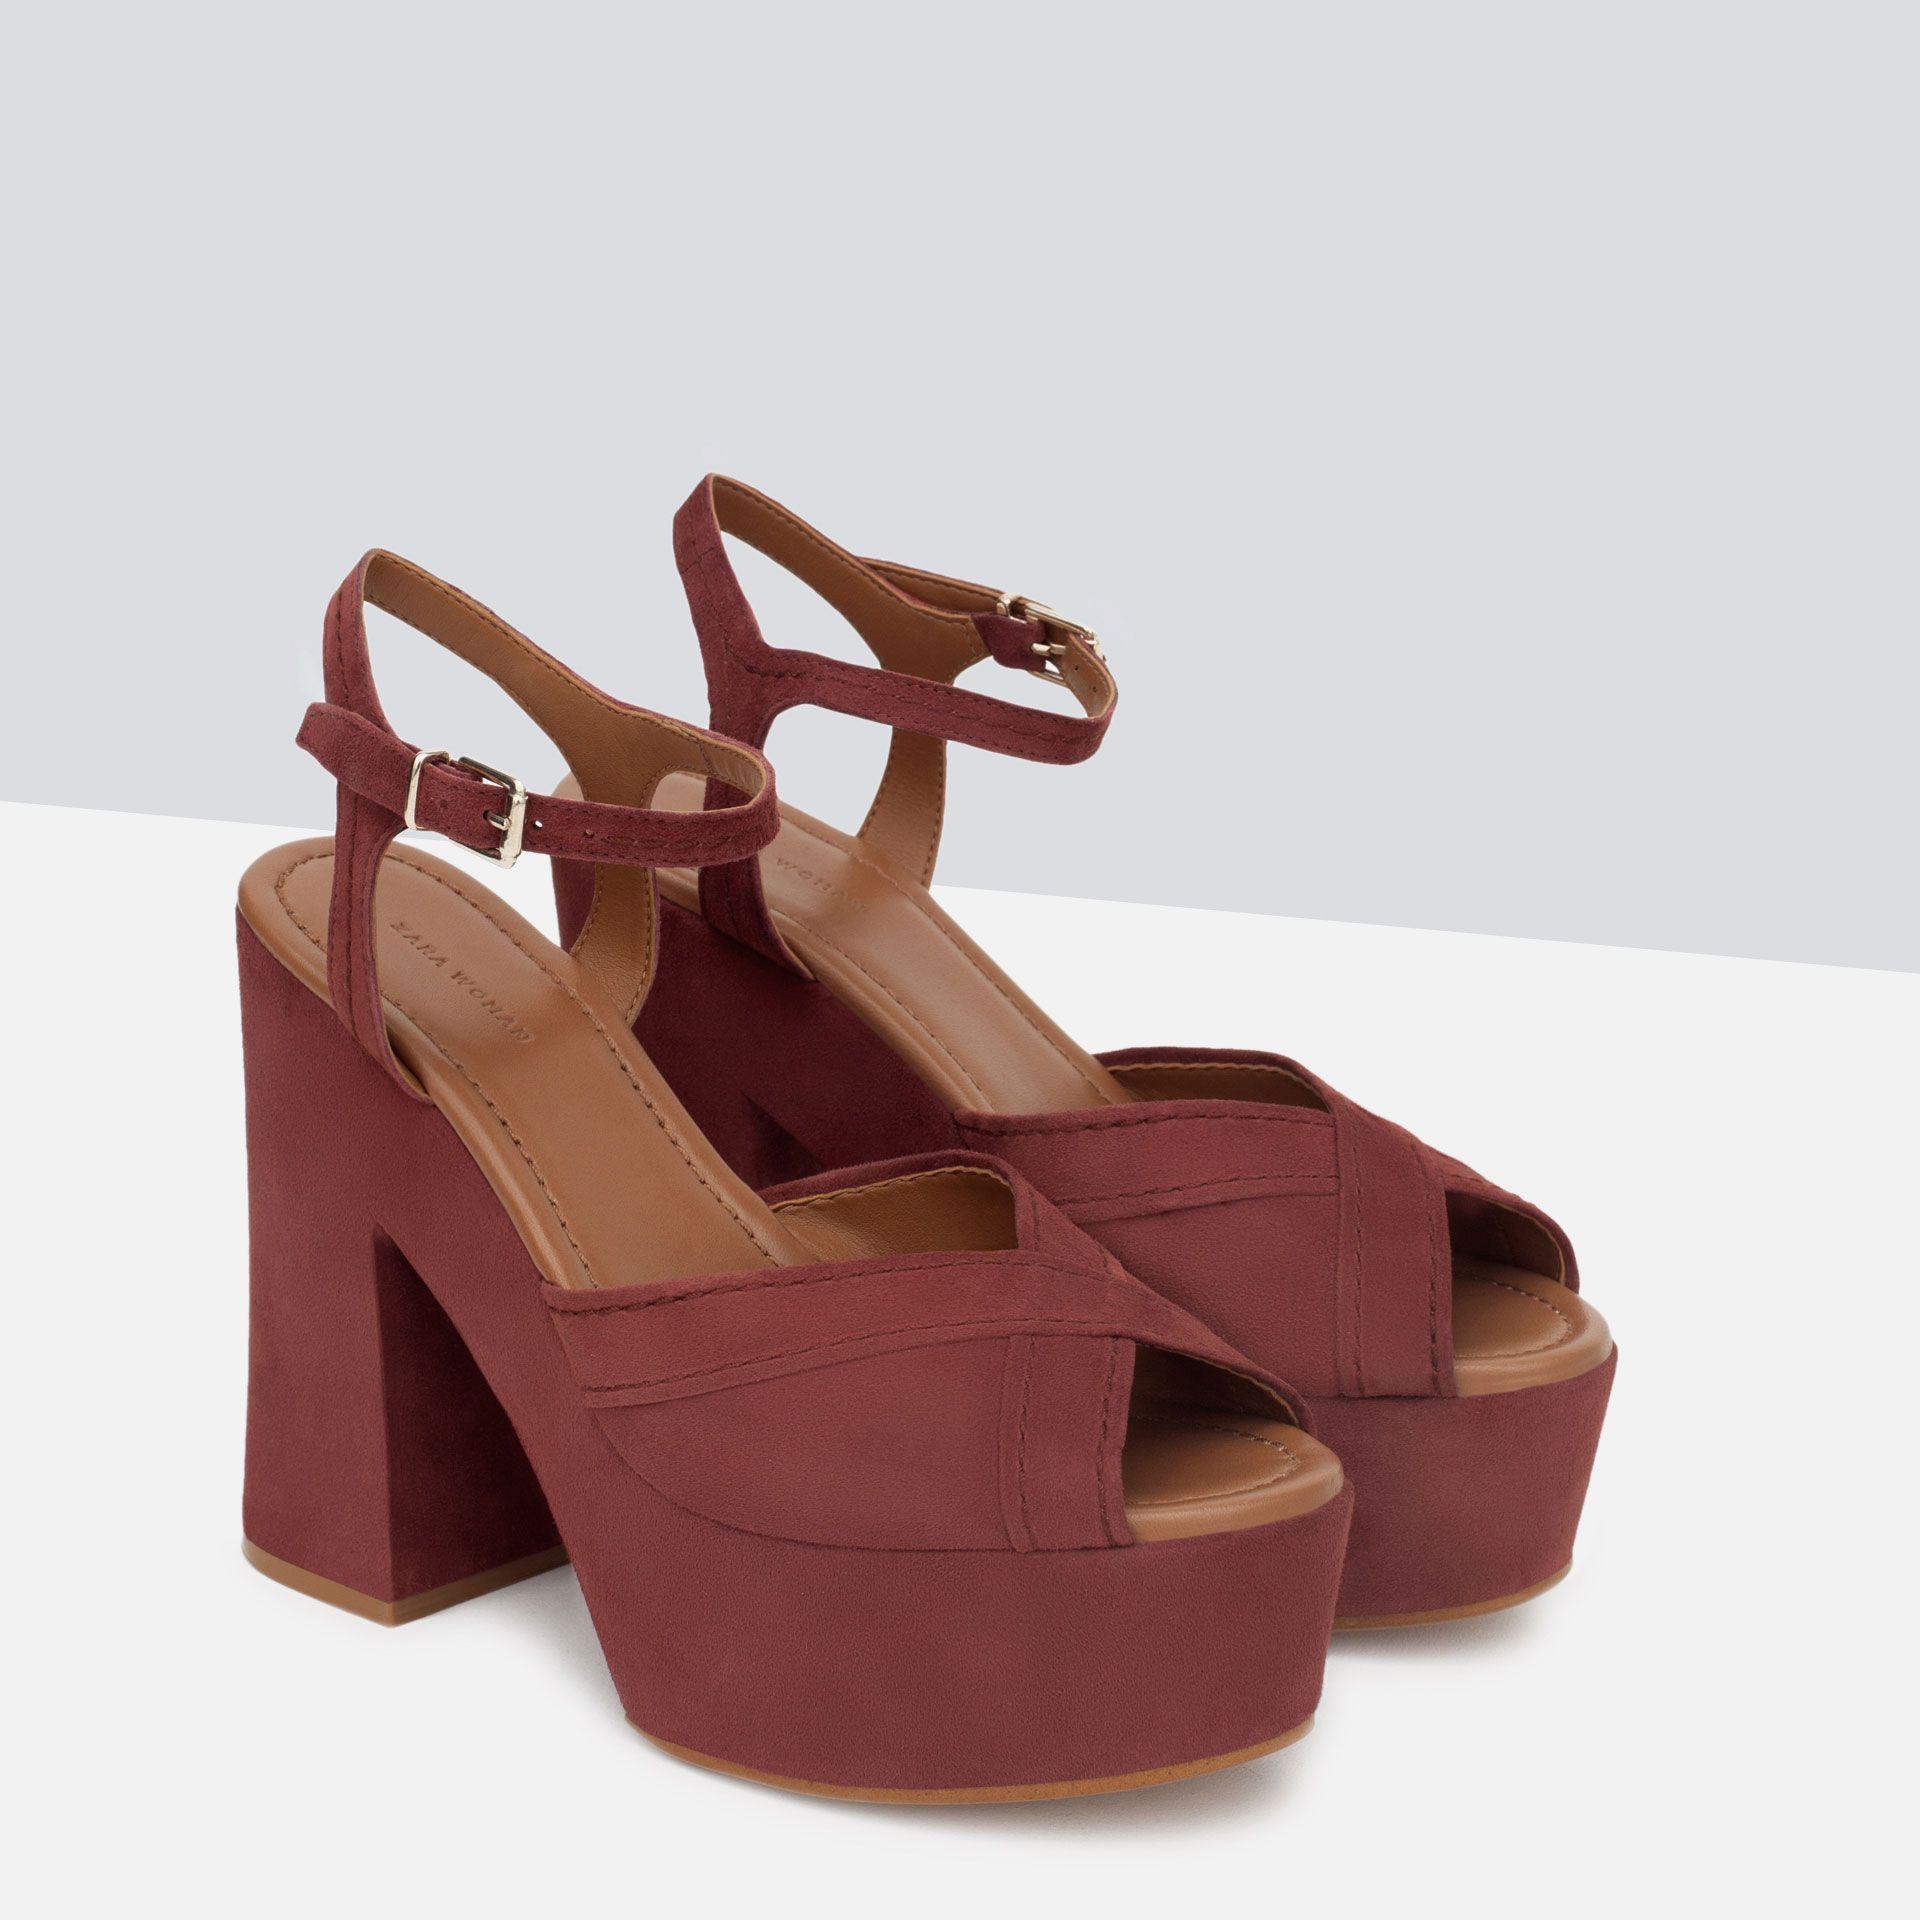 Zara Piel México Sandalia Sandalias Mujer Plataforma Zapatos SqaxnX